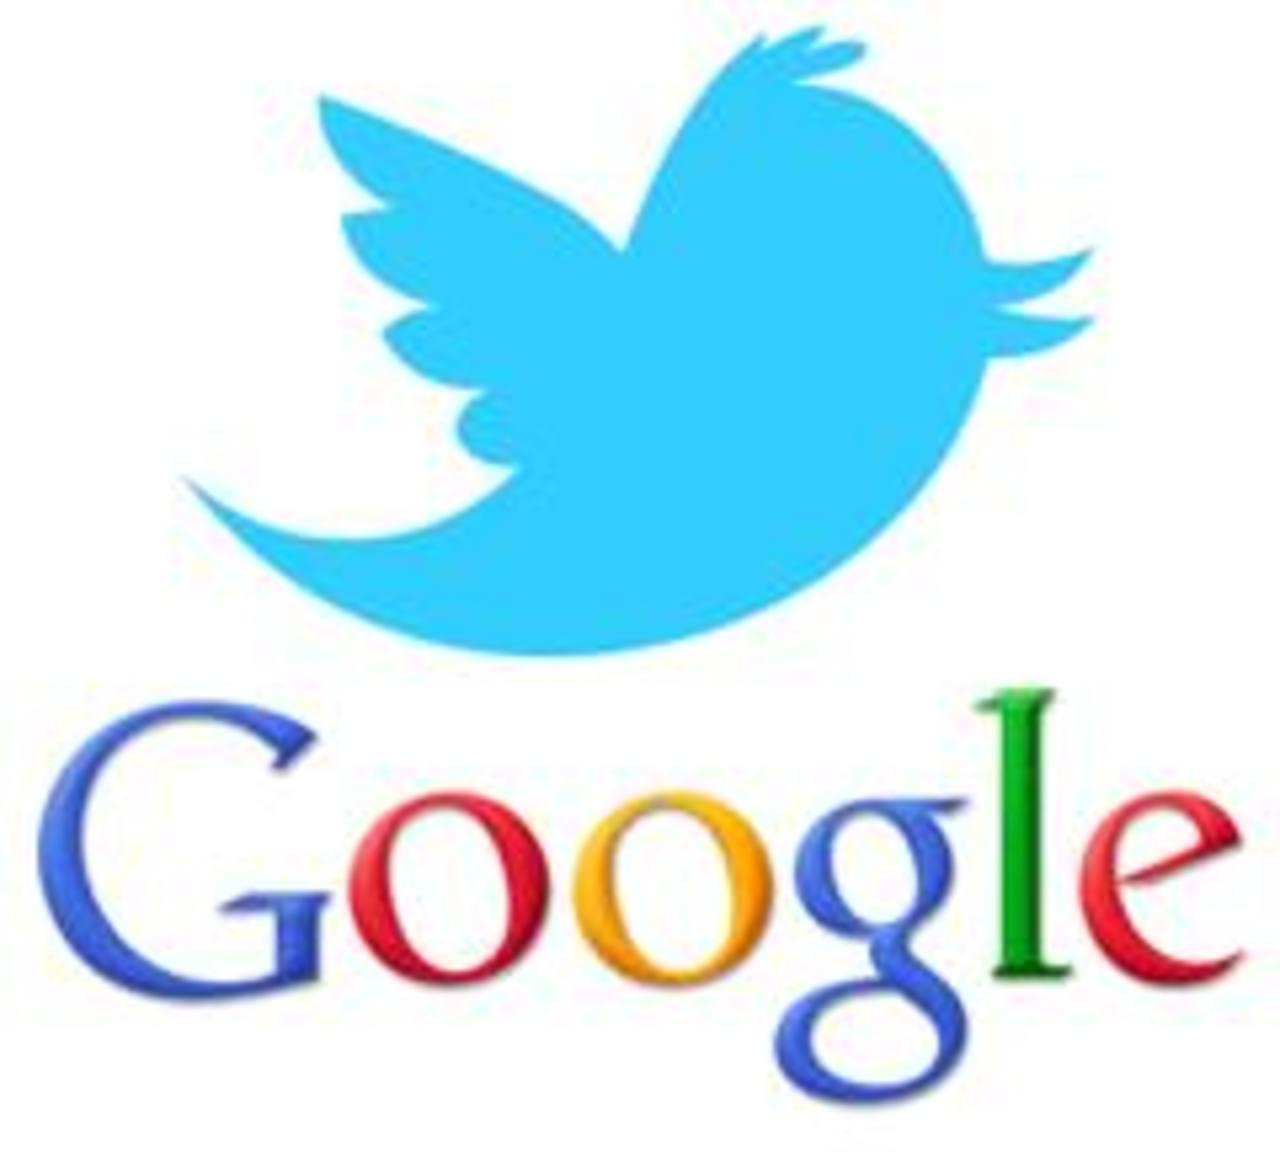 Los tuits se verán en Google a mediados de este año.